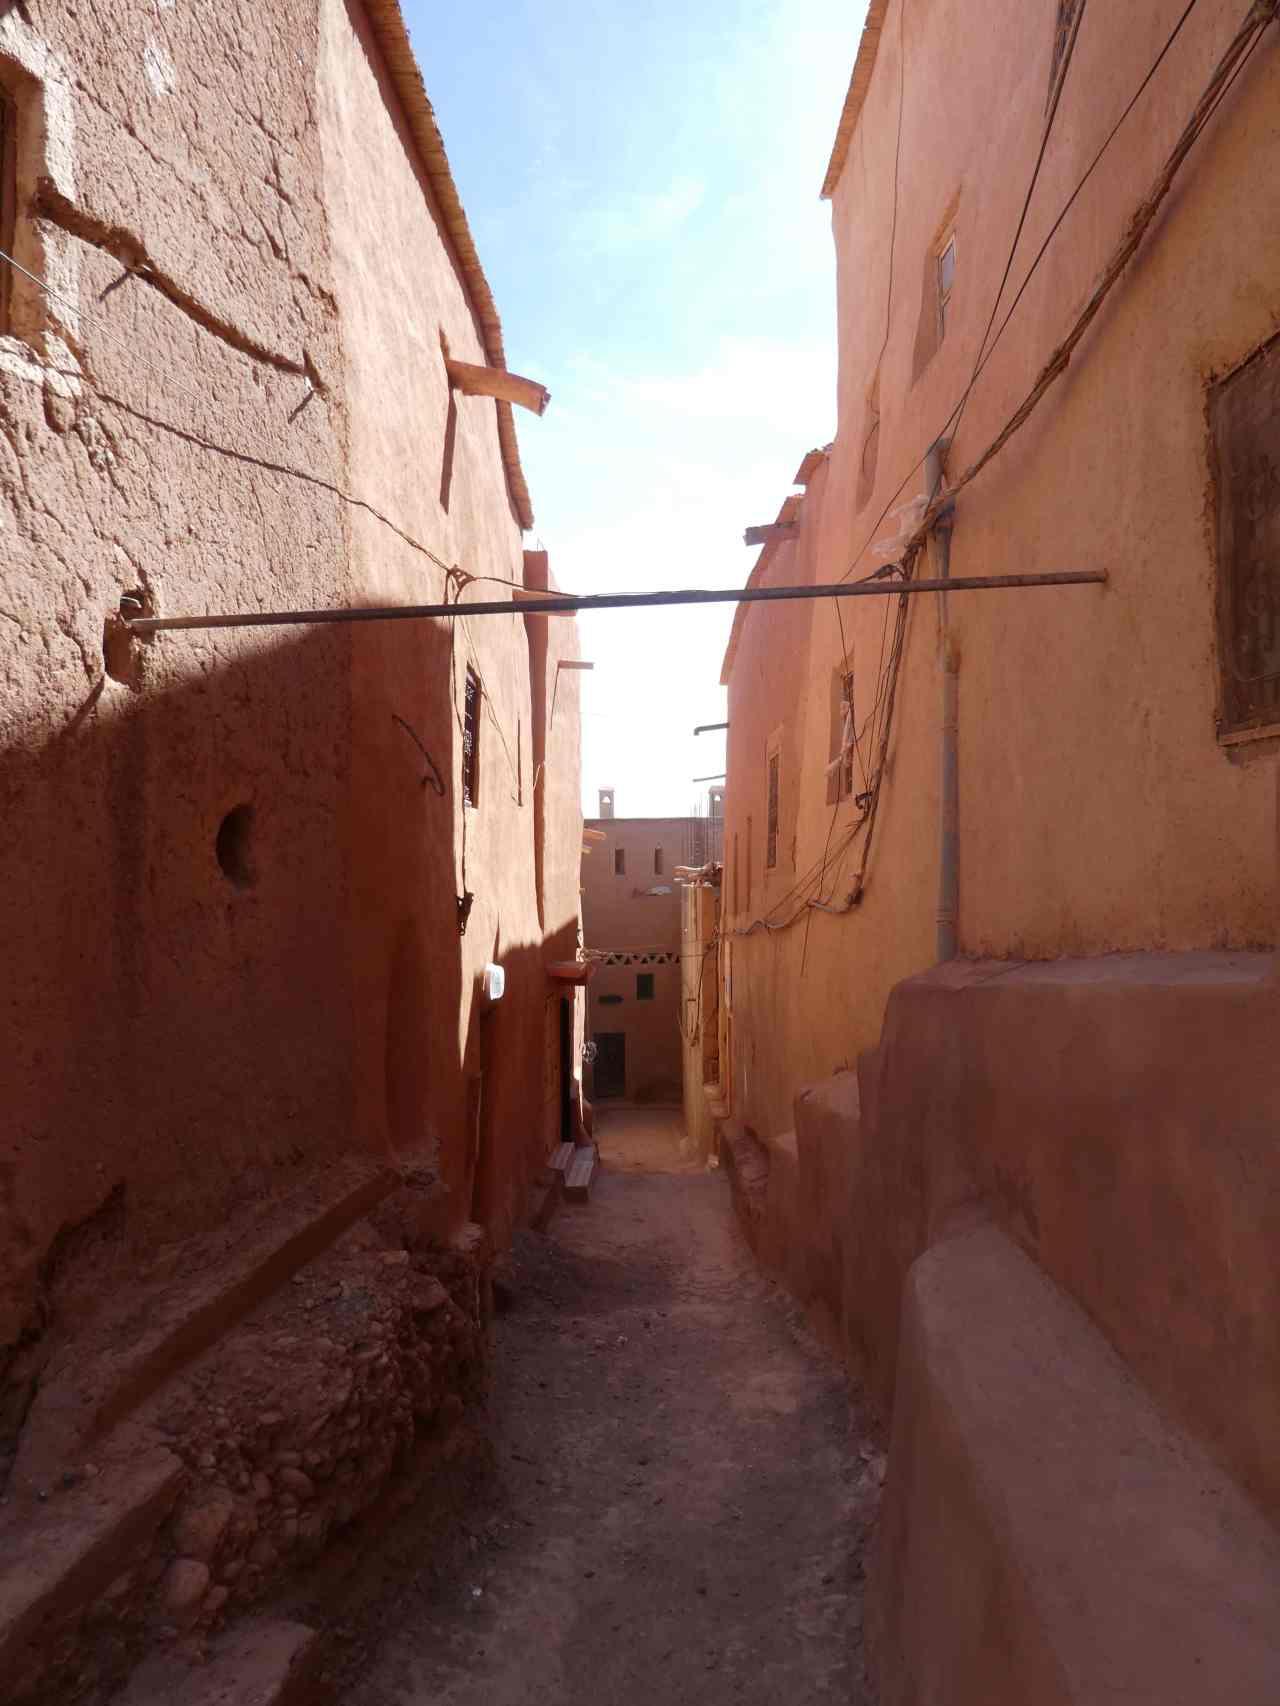 Narrow streets of Ouarzazate